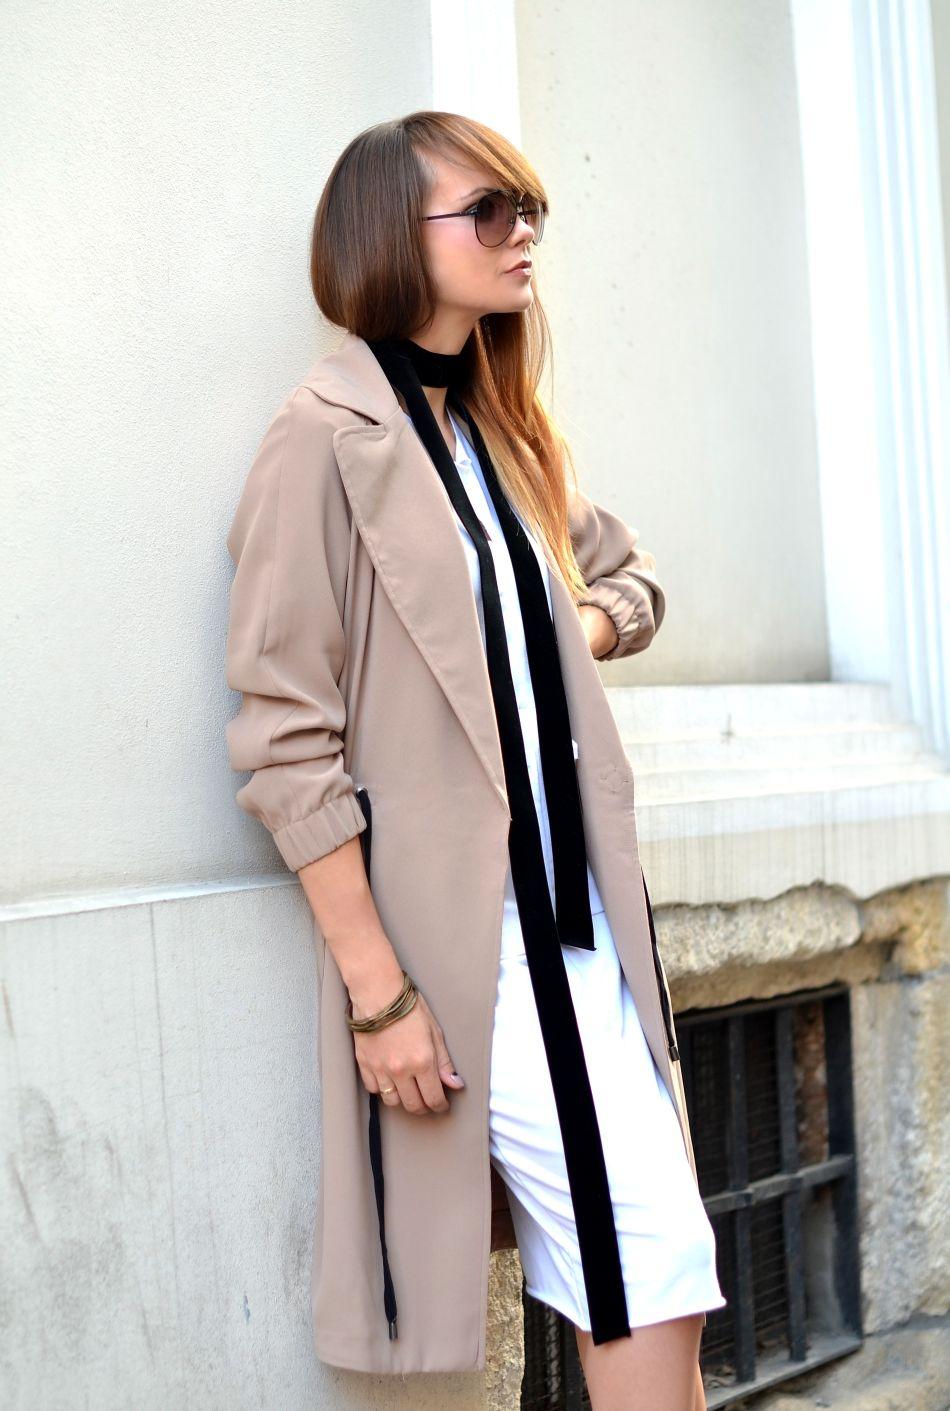 idealny plaszcz na jesien | bezowy plaszcz | plaszcz zara | apaszka na szyi | tasiemka na szyi | blogerka modowa | blog o modzie